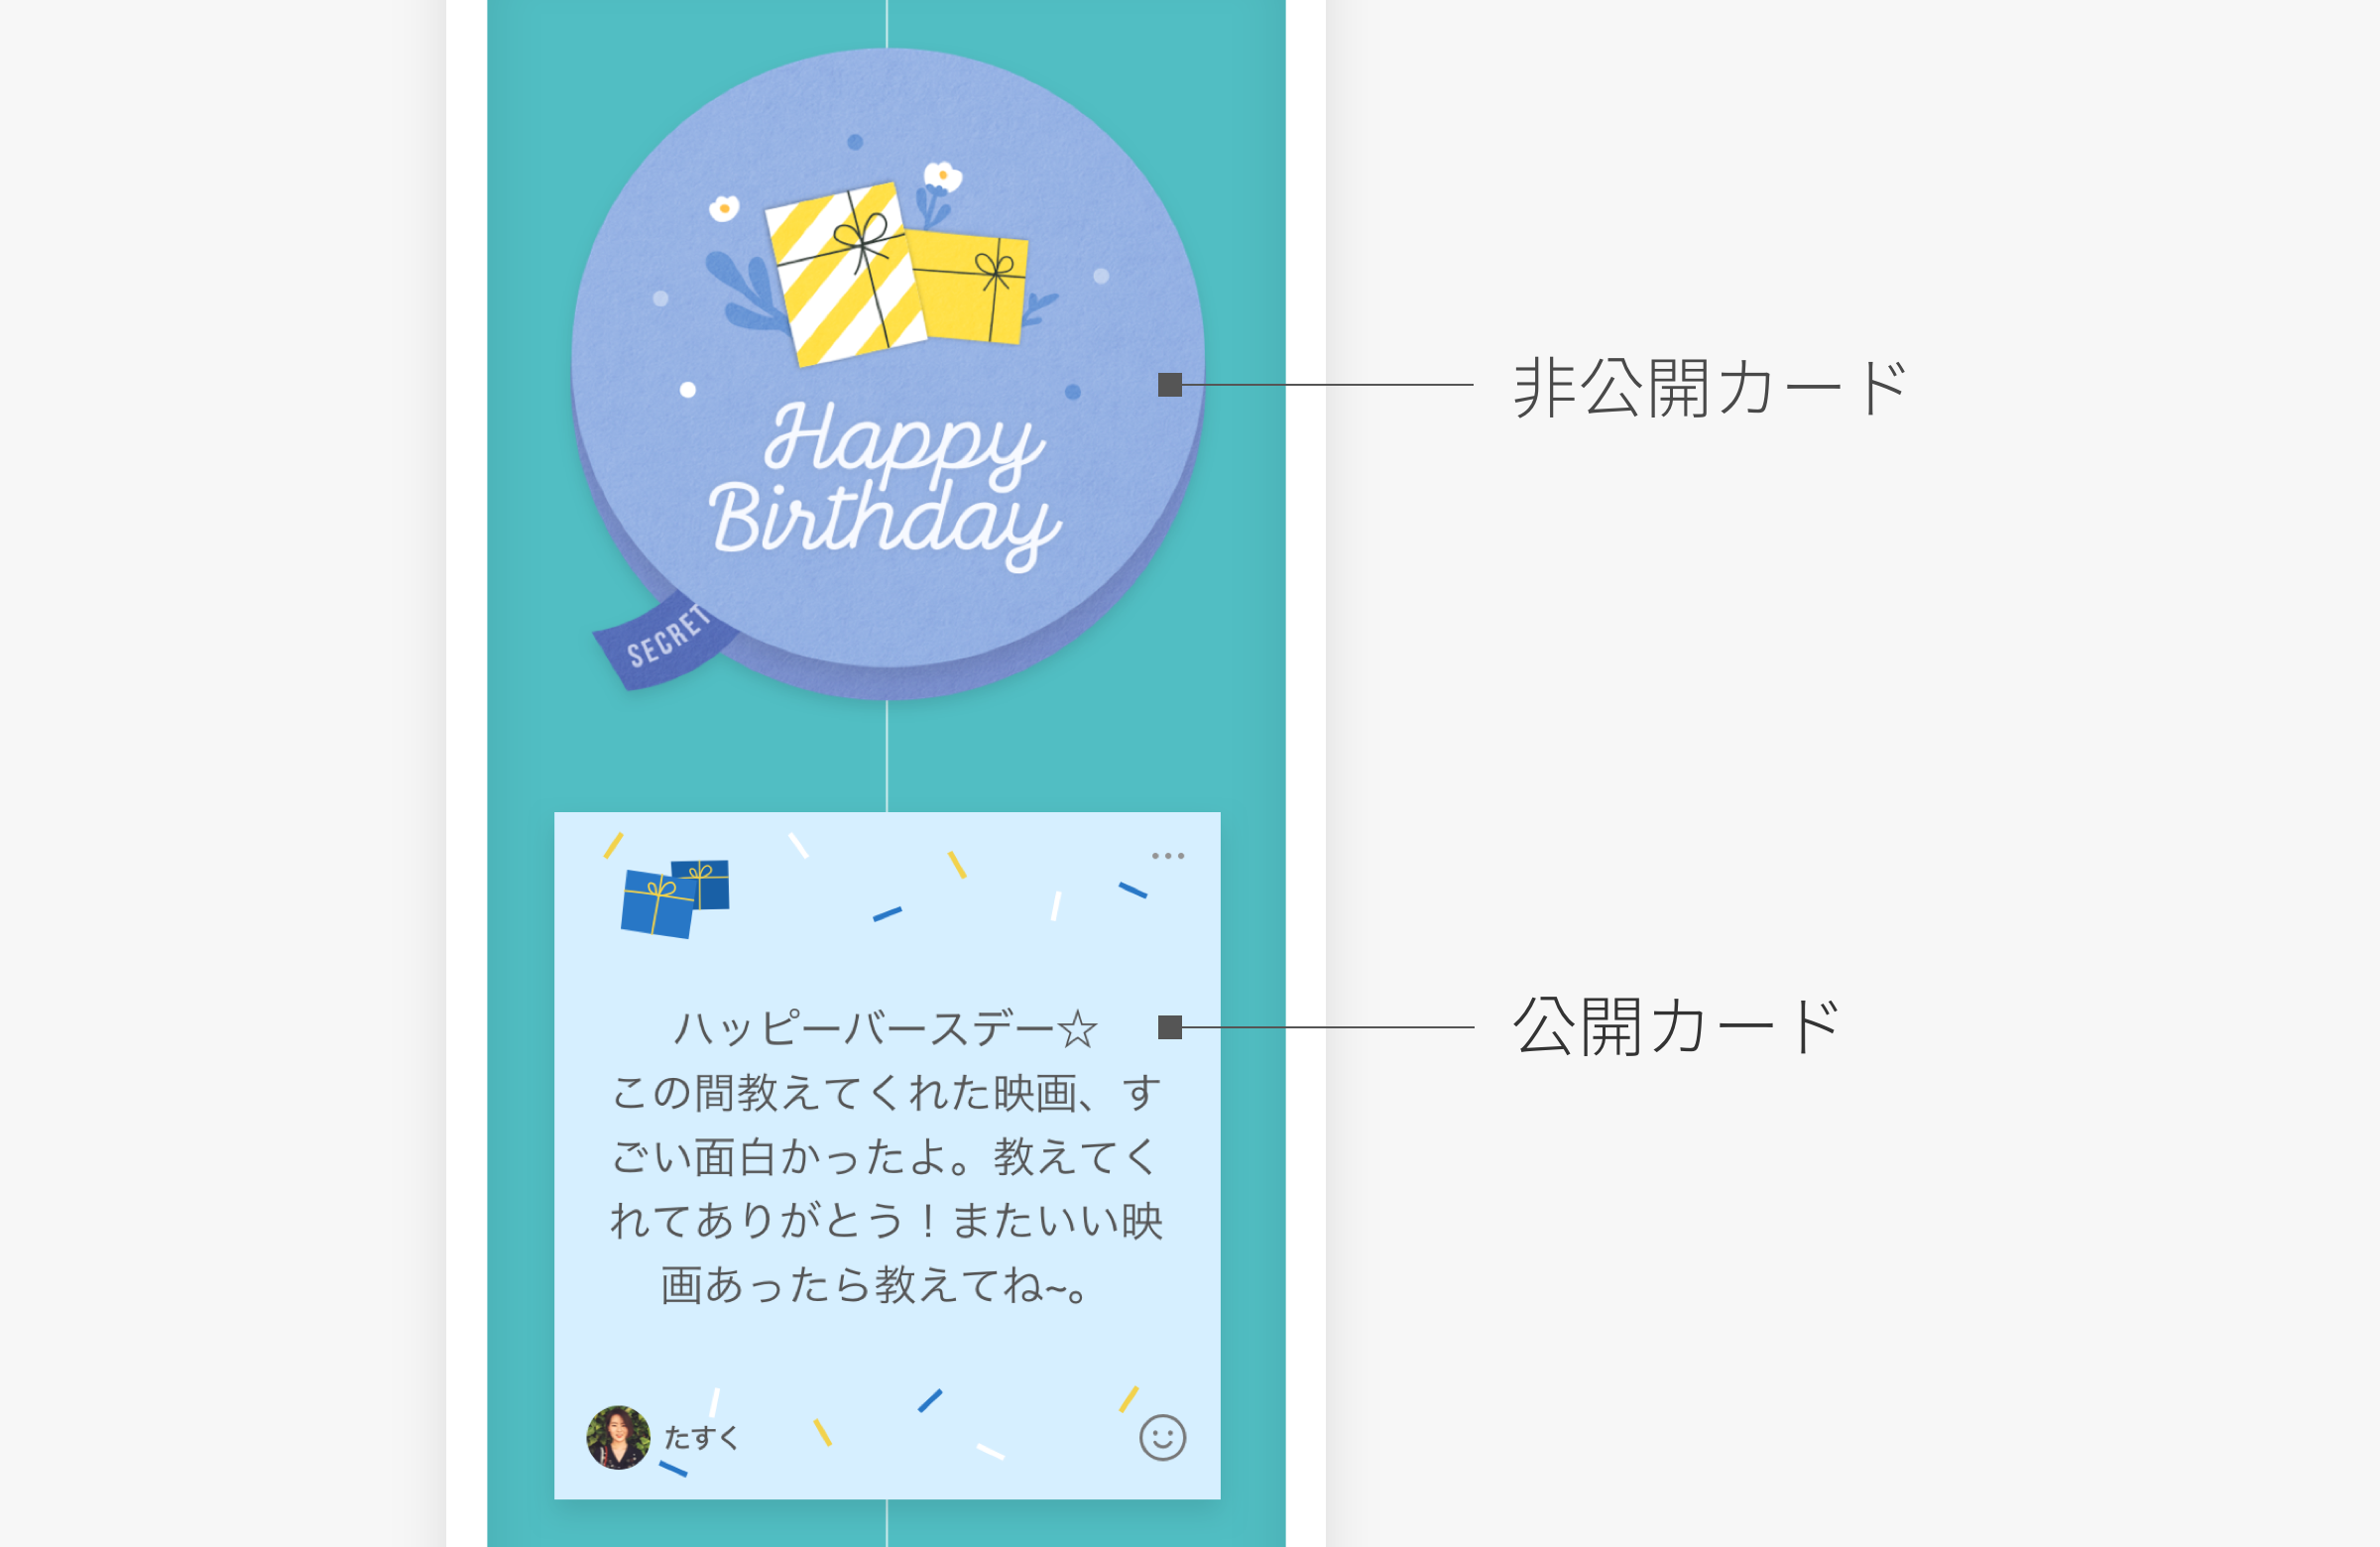 カード ライン 返信 バースデー 誕生日機能を利用する LINEみんなの使い方ガイド